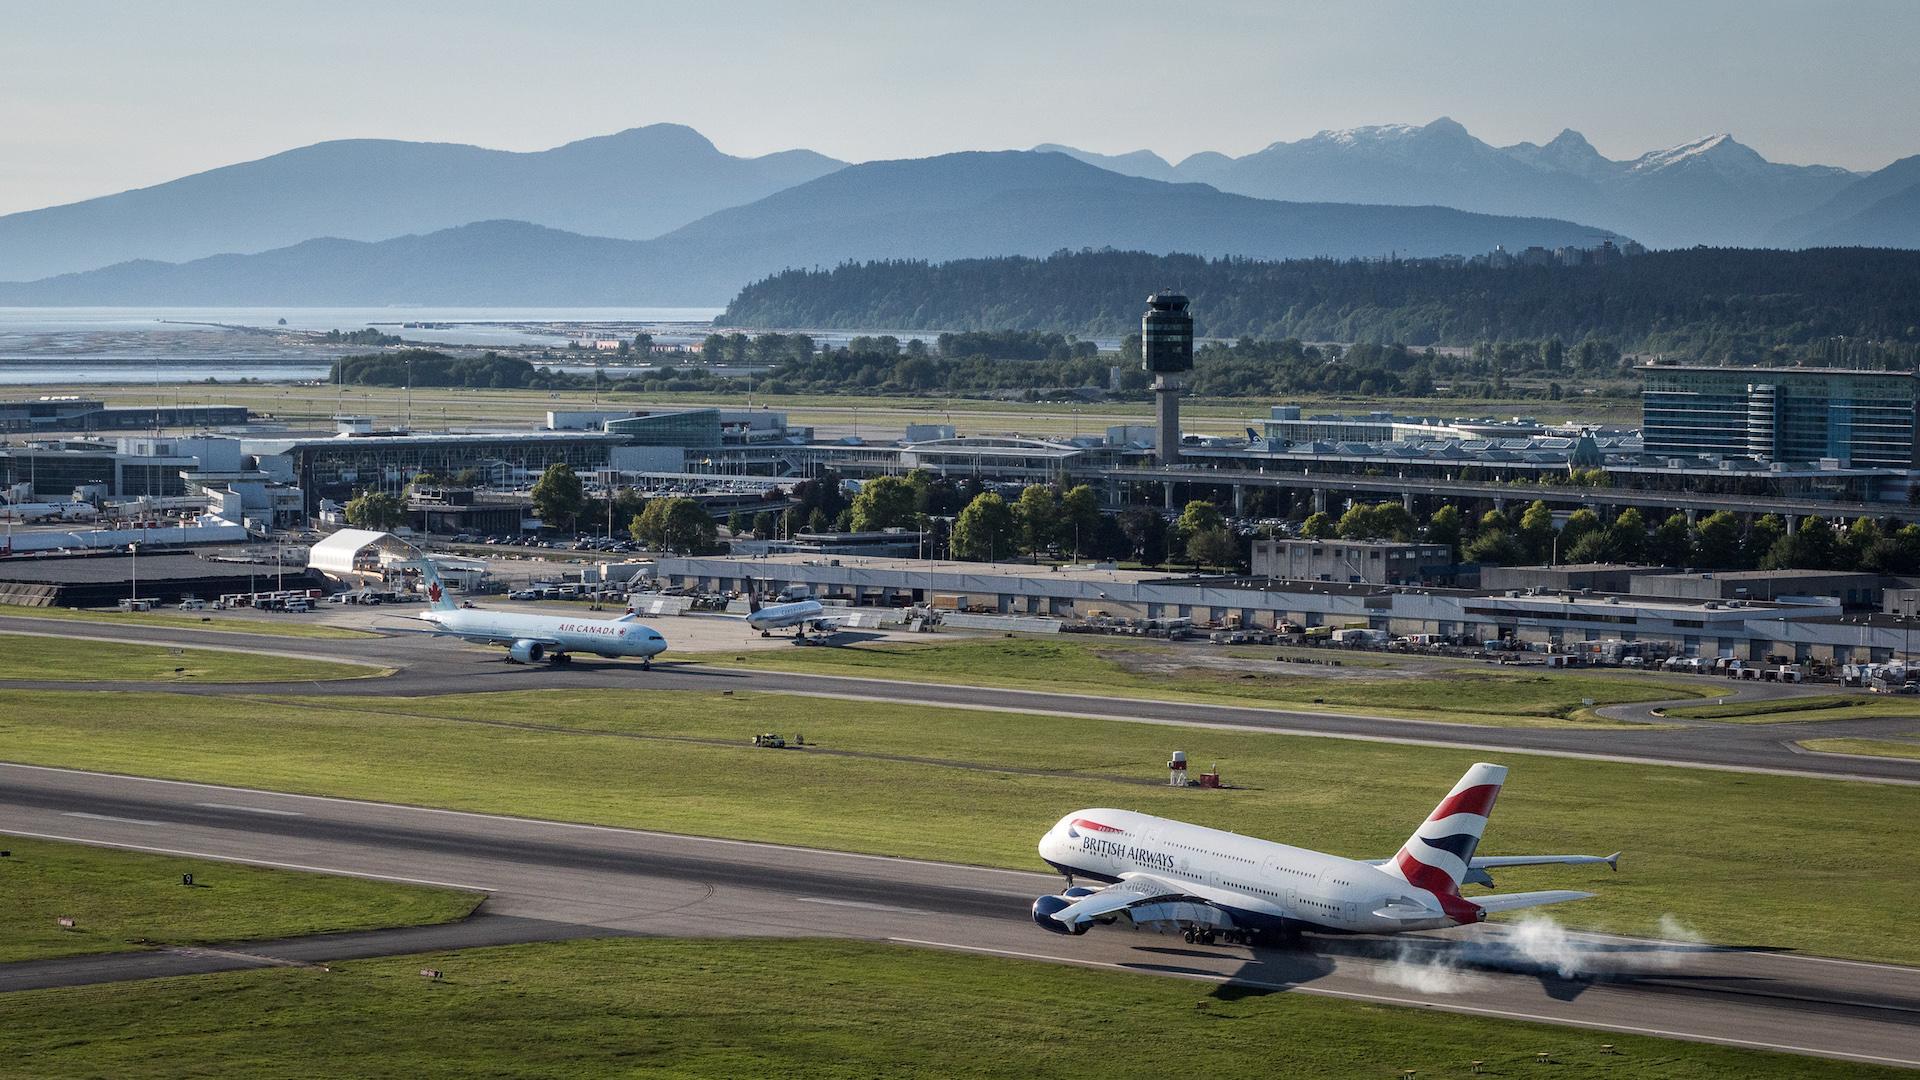 Estos son los países con mejores conexiones aéreas y aeropuertos: EE.UU. no tiene el puesto uno